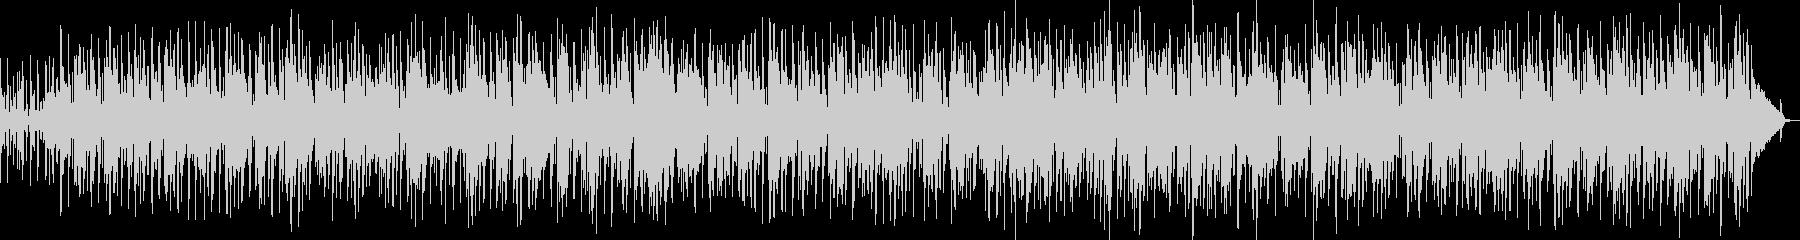 ブルージーなピアノとヒップドラムル...の未再生の波形